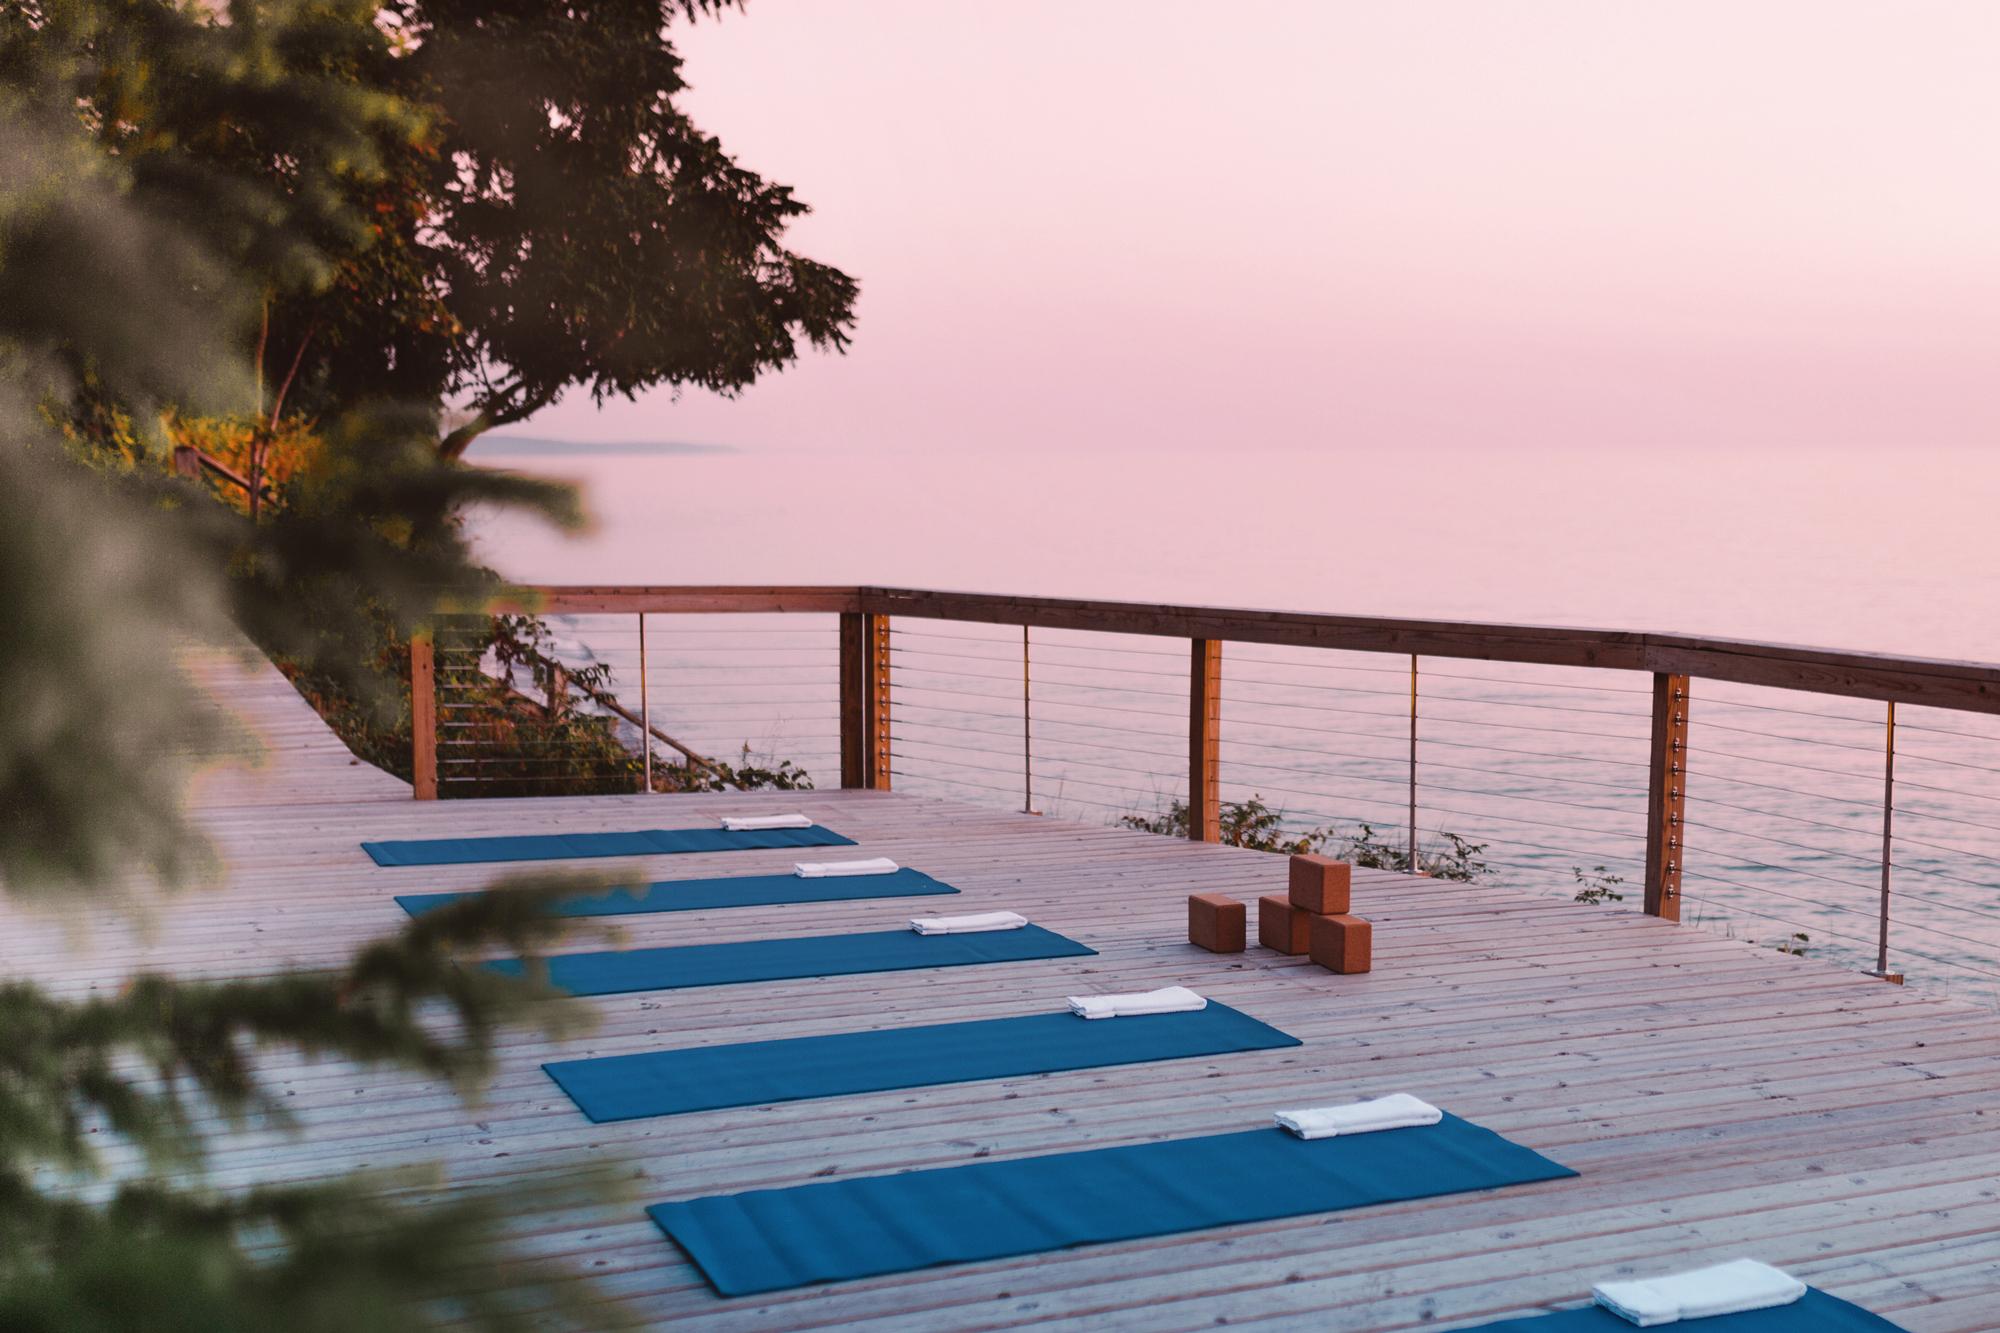 Yoga in Saugatuck Michigan, On Lake Michigan